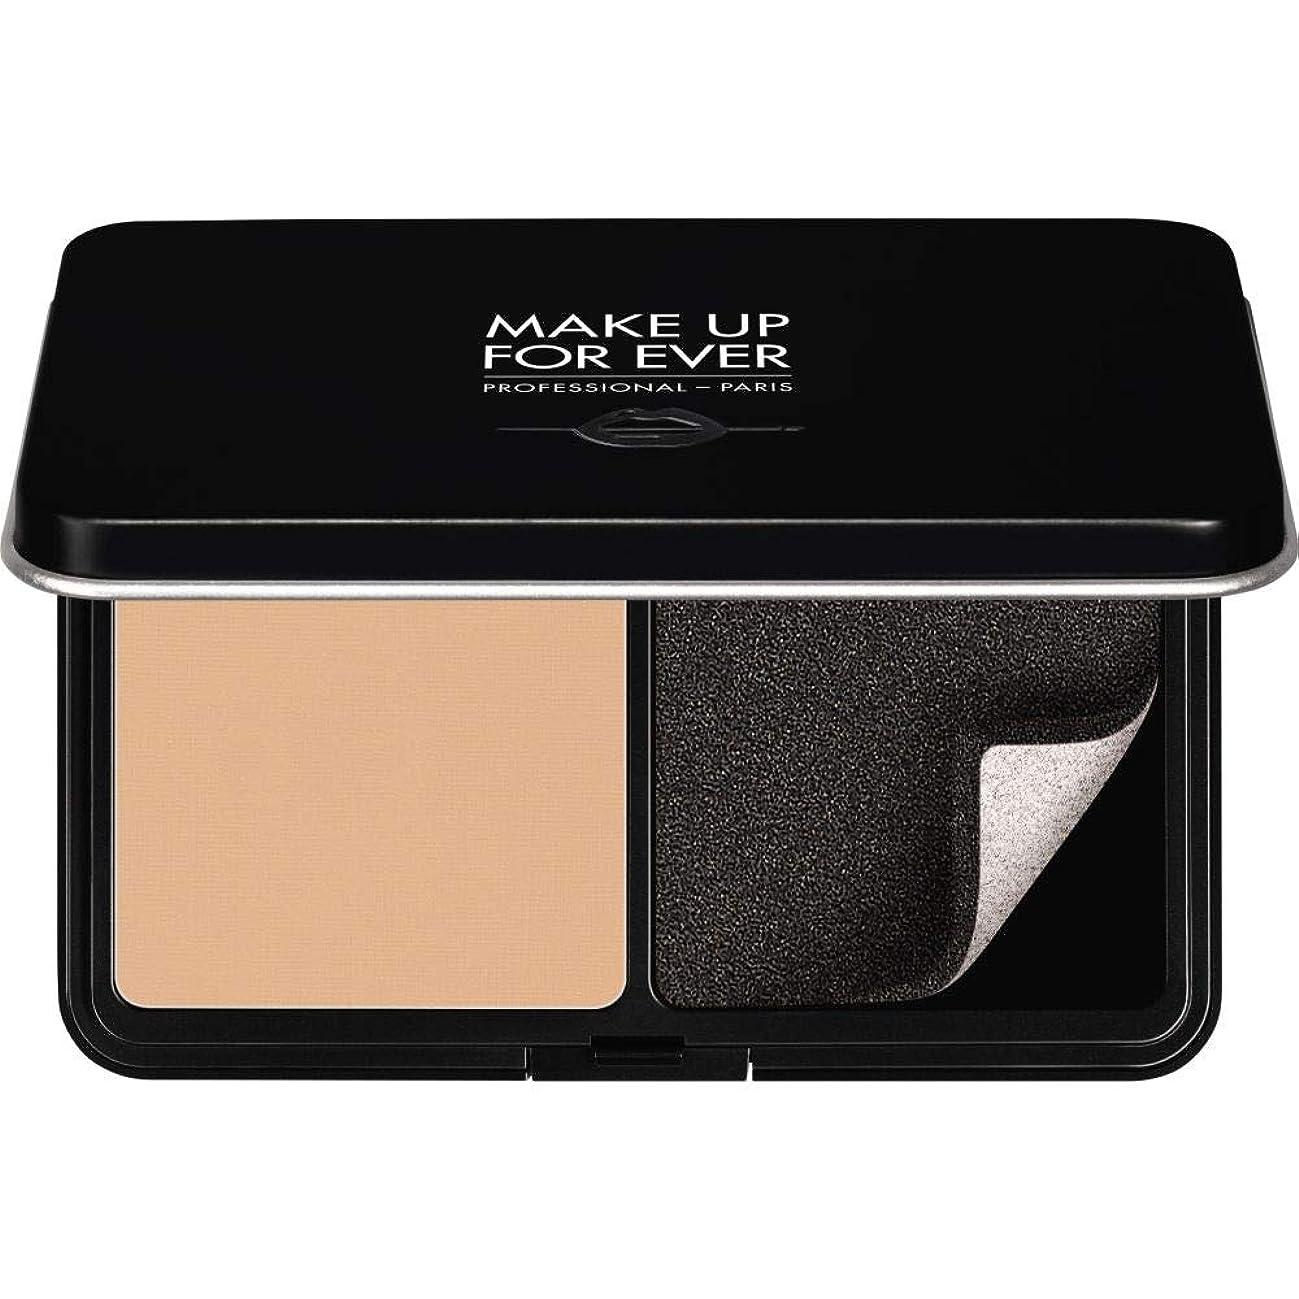 くつろぐライトニングバーチャル[MAKE UP FOR EVER ] これまでマットベルベットの肌は、パウダーファンデーション11GののR250をぼかすために作る - ヌードベージュ - MAKE UP FOR EVER Matte Velvet Skin Blurring Powder Foundation 11g R250 - Beige Nude [並行輸入品]